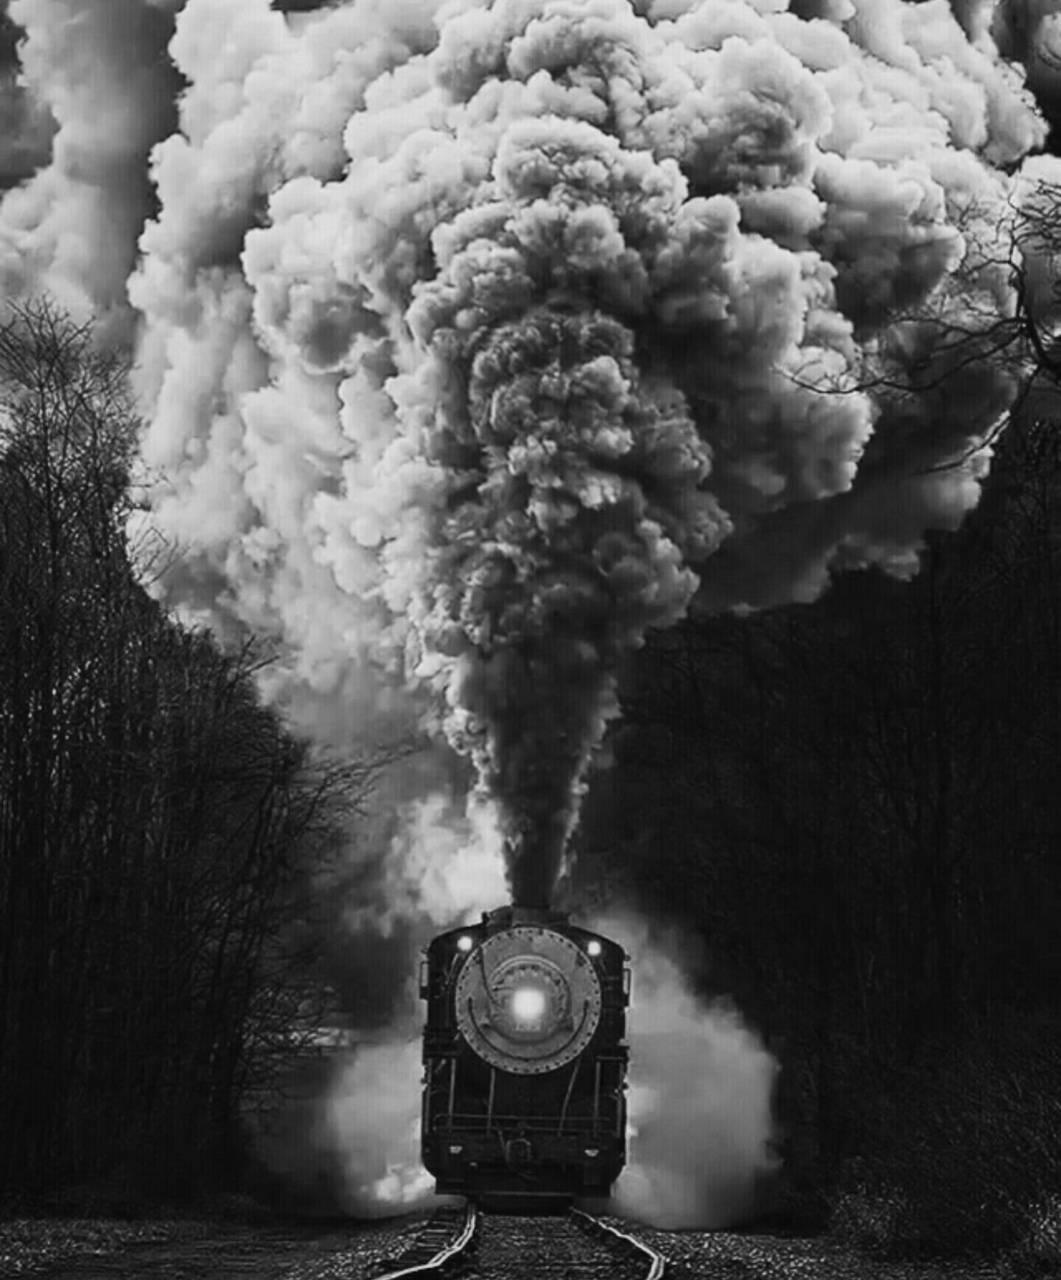 Old Train Wallpaper By Seekanreap Ee Free On Zedge